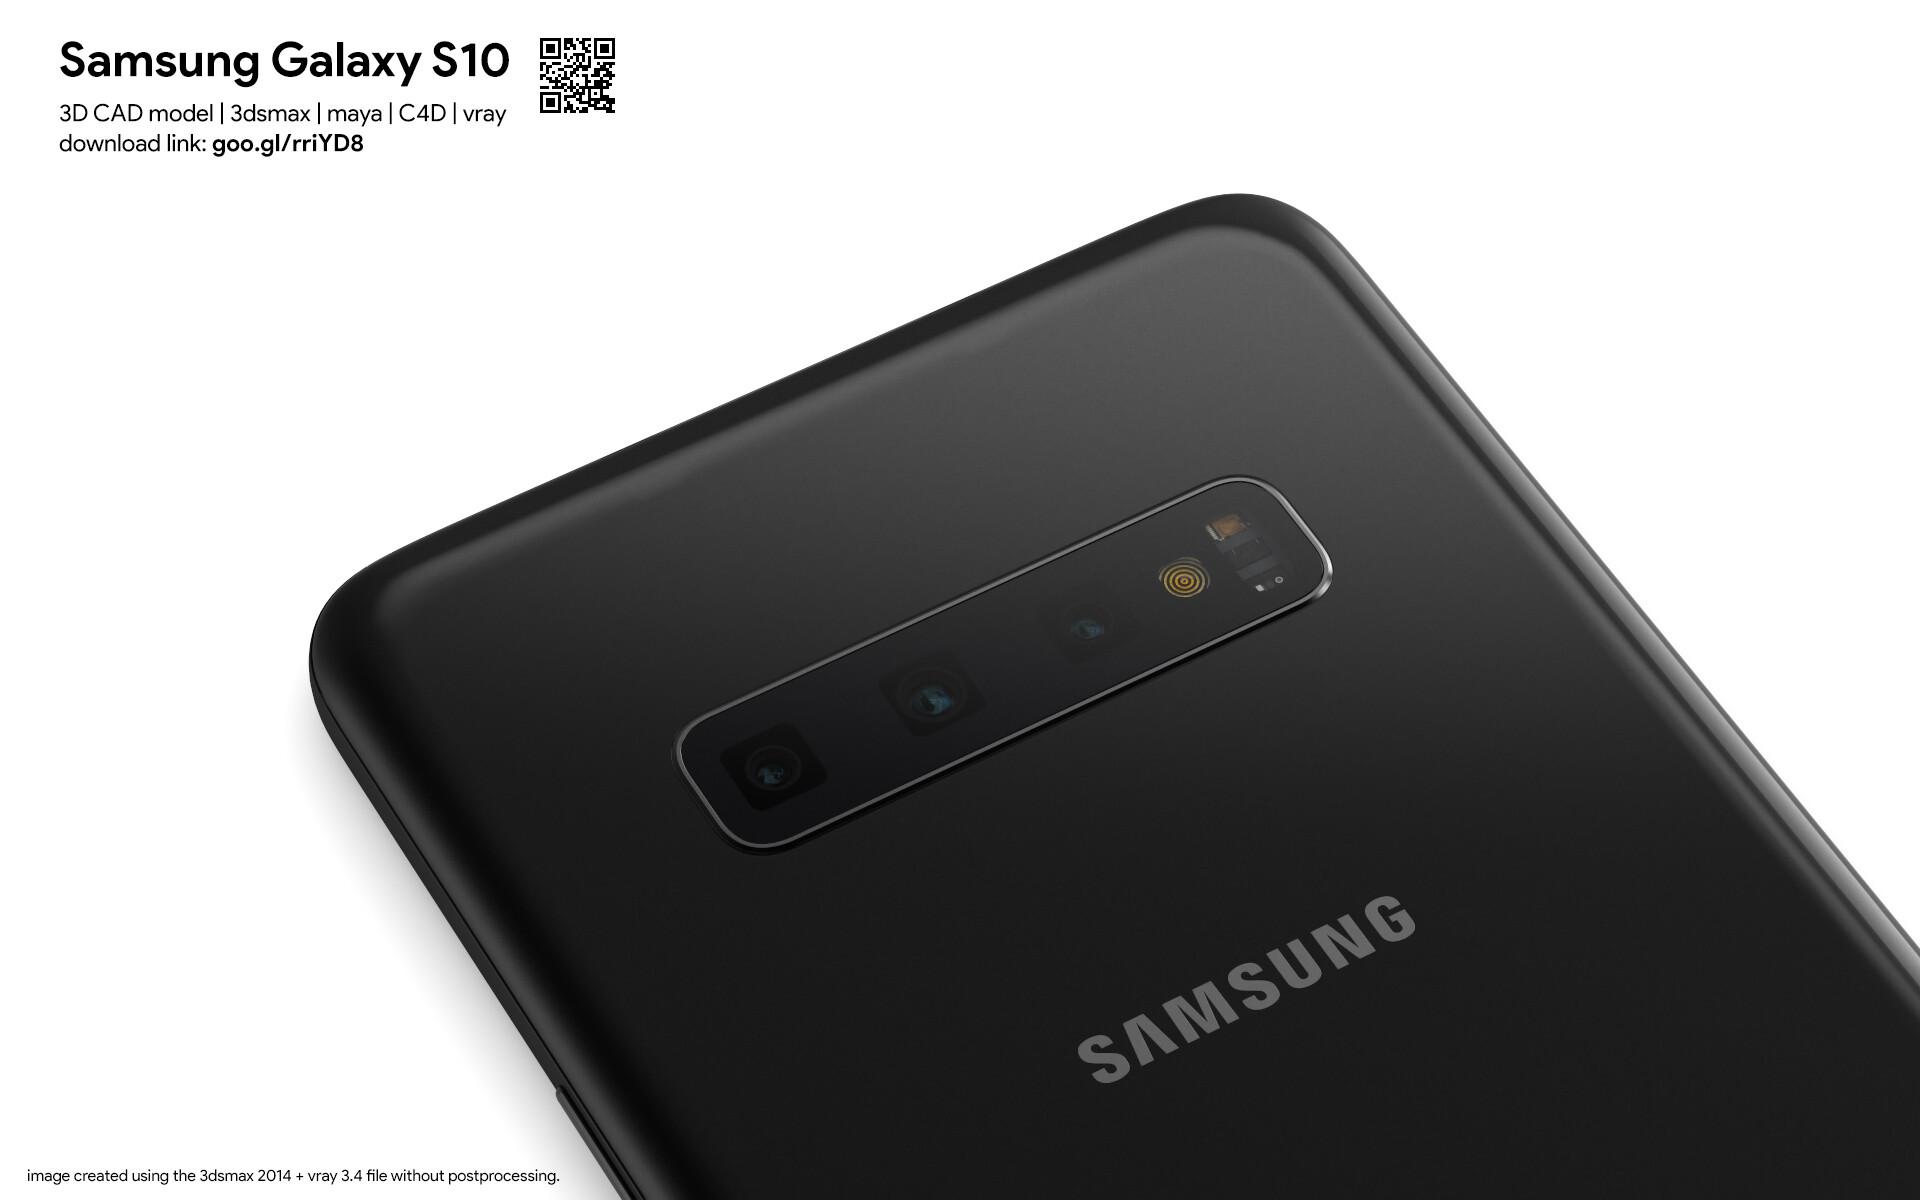 ArtStation - Samsung Galaxy S10 - 3D CAD models, Martin Hajek